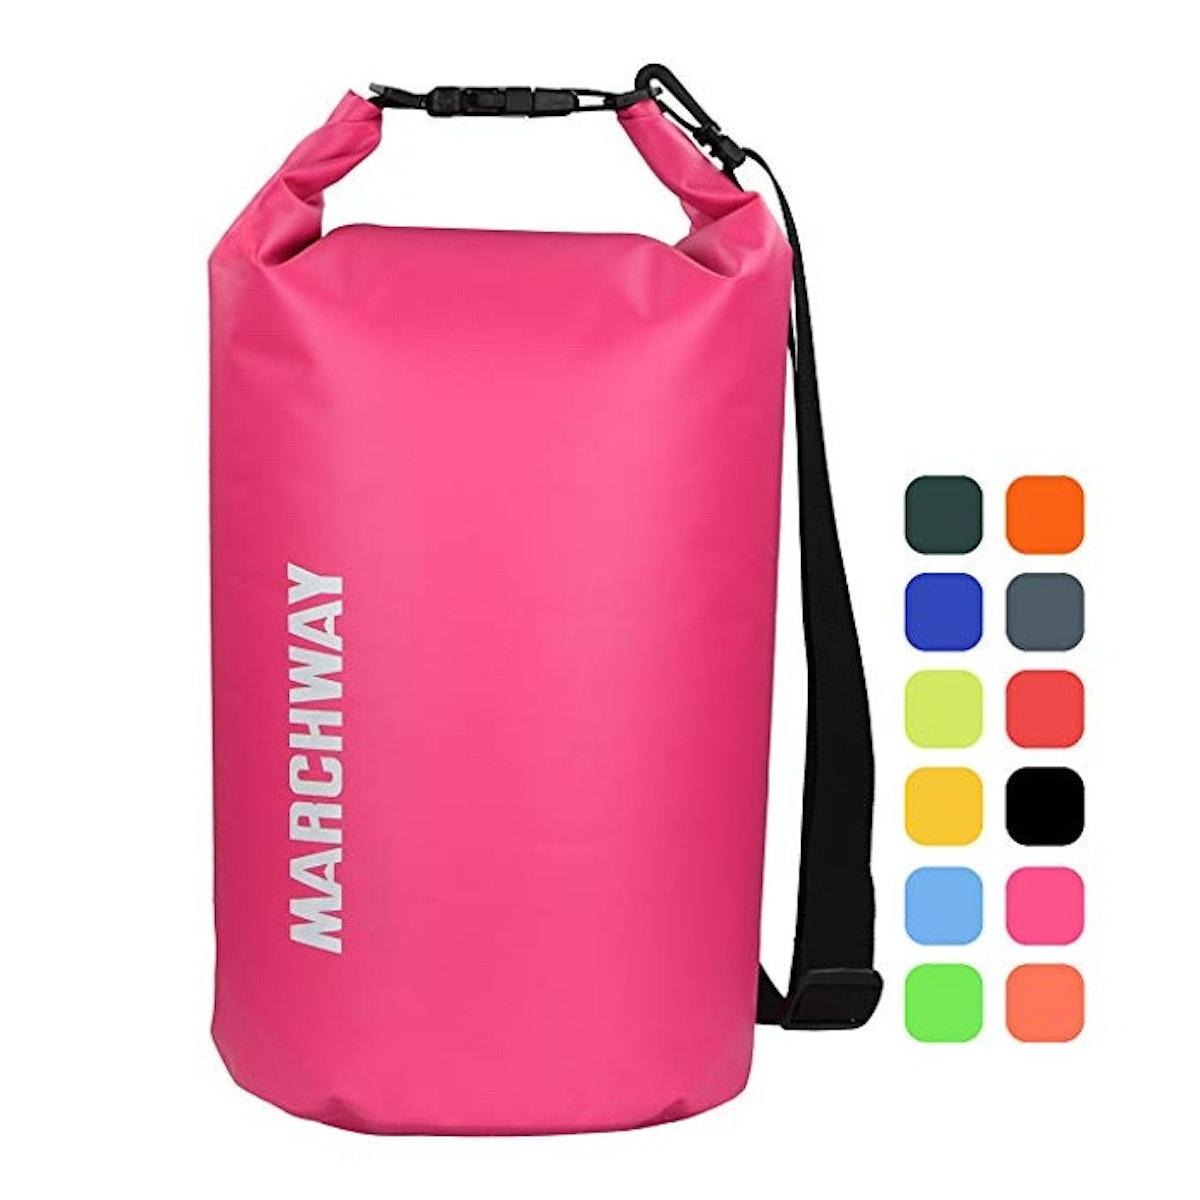 MARCHWAY Floating Waterproof Dry Bag